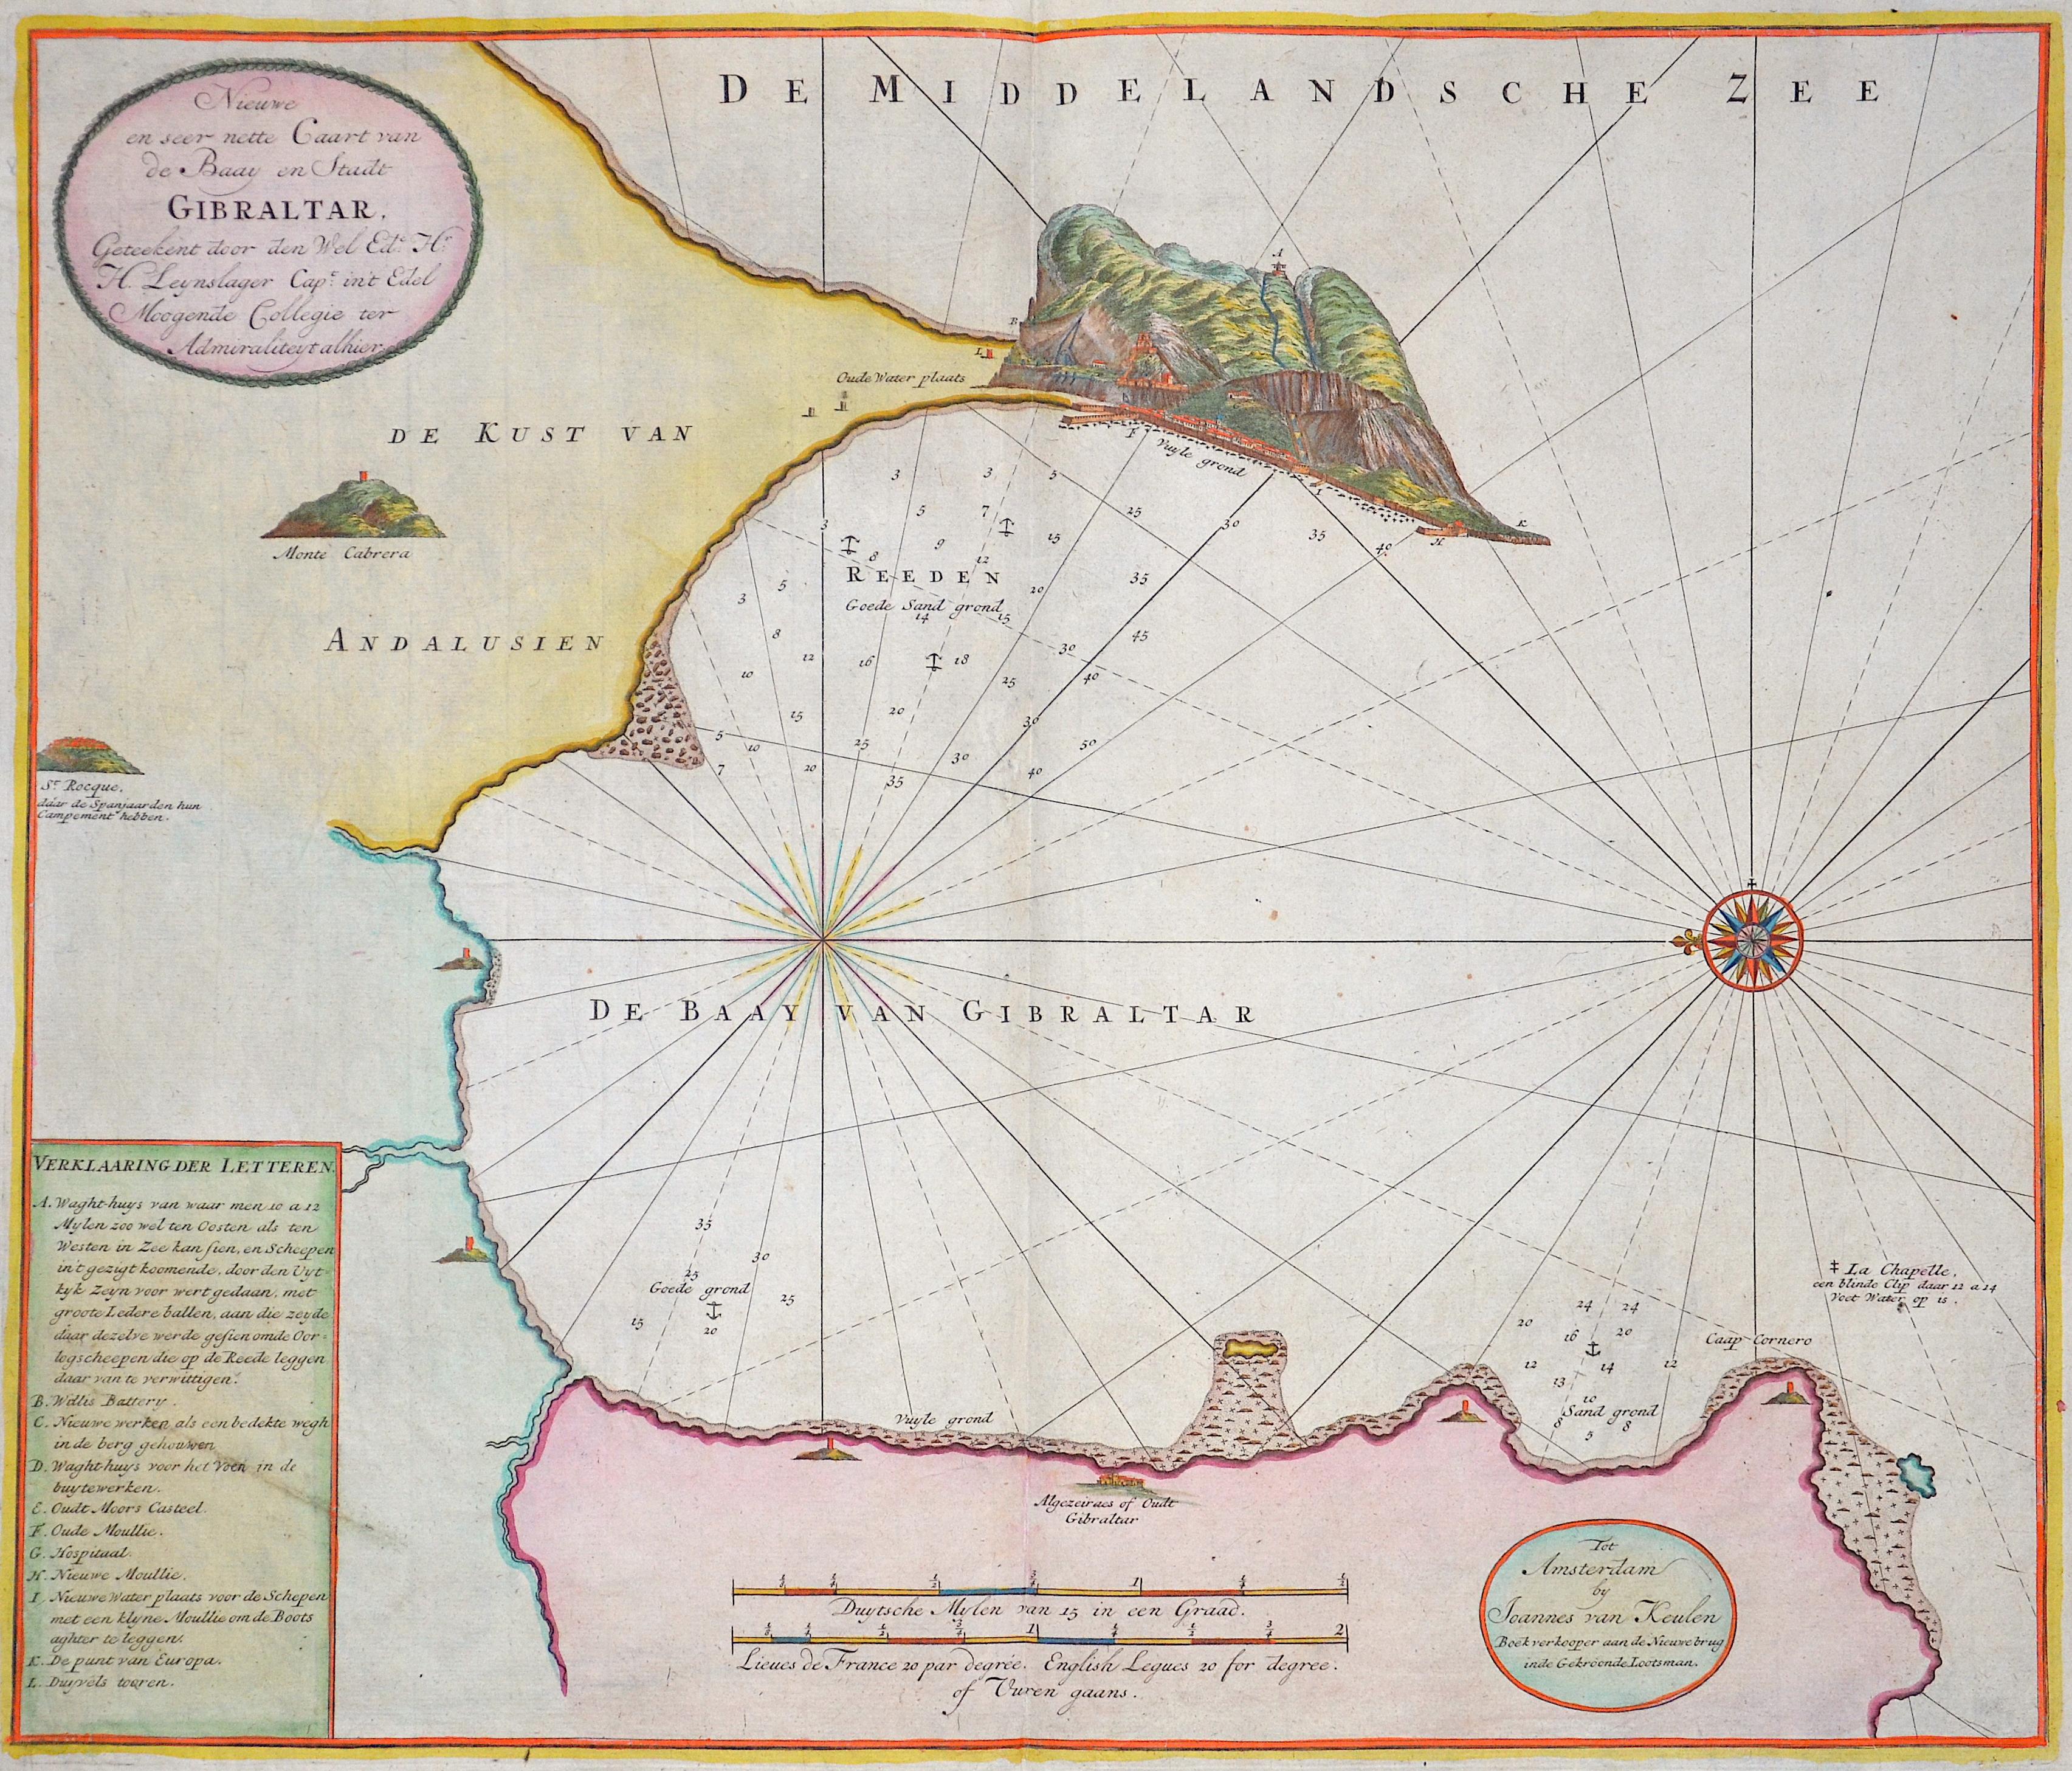 Keulen Johannes van Nieuwe en seer nette Caart vam de Baay en Stadt Gibraltar,